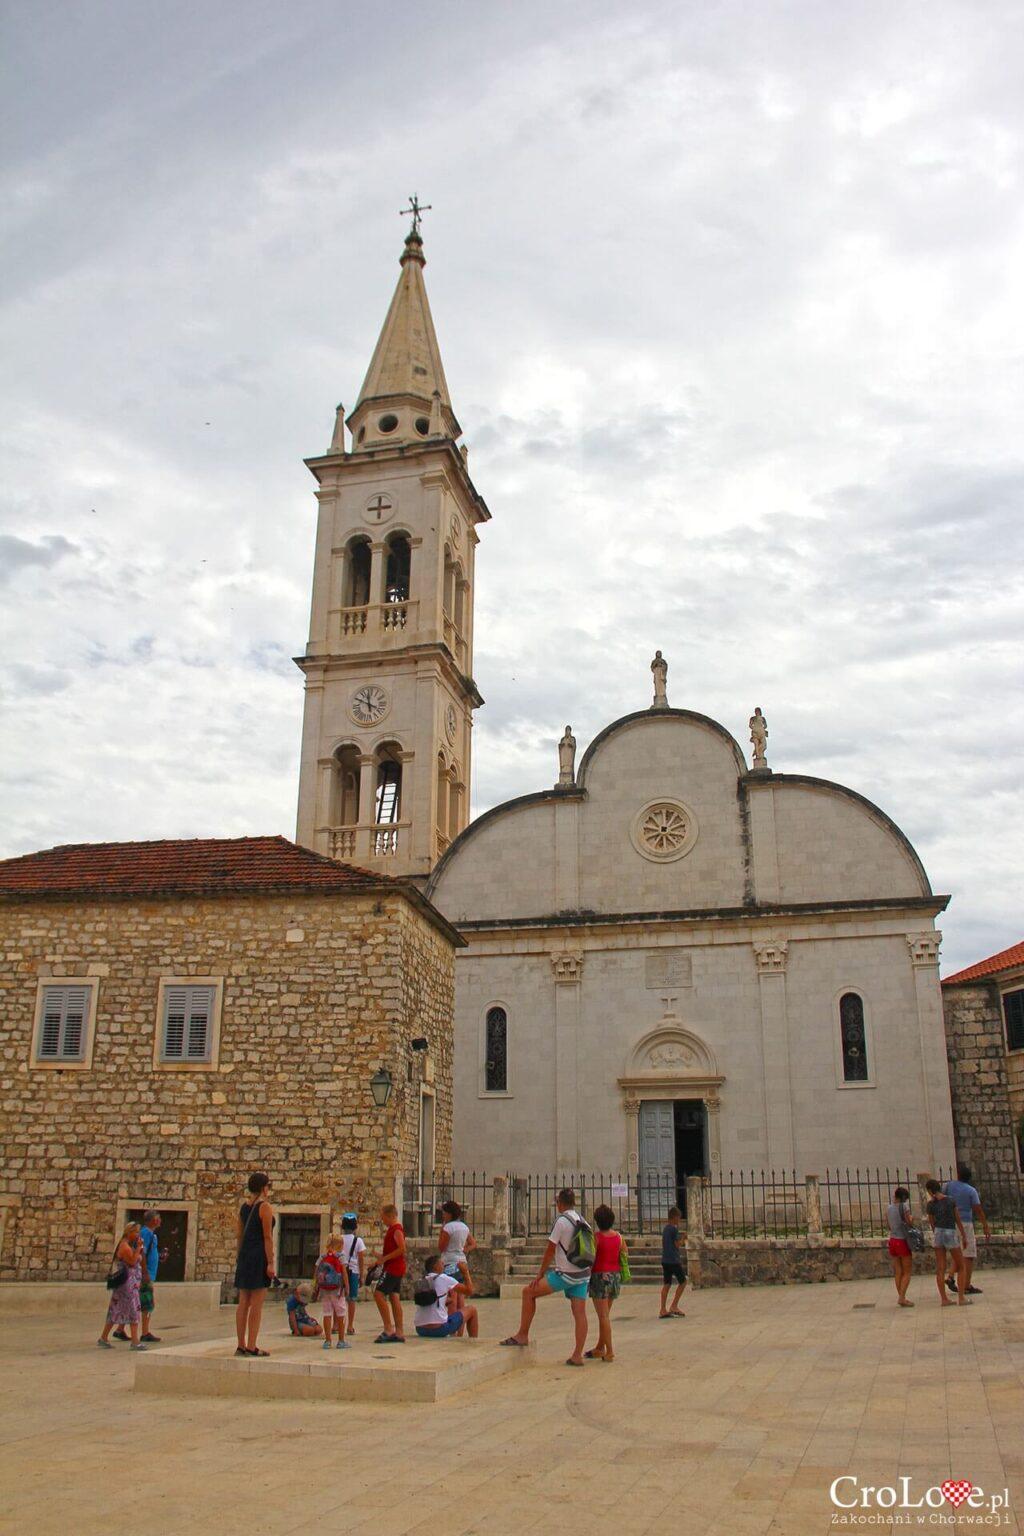 Kościół parafialny Wniebowzięcia Najświętszej Marii Panny w Jelsie